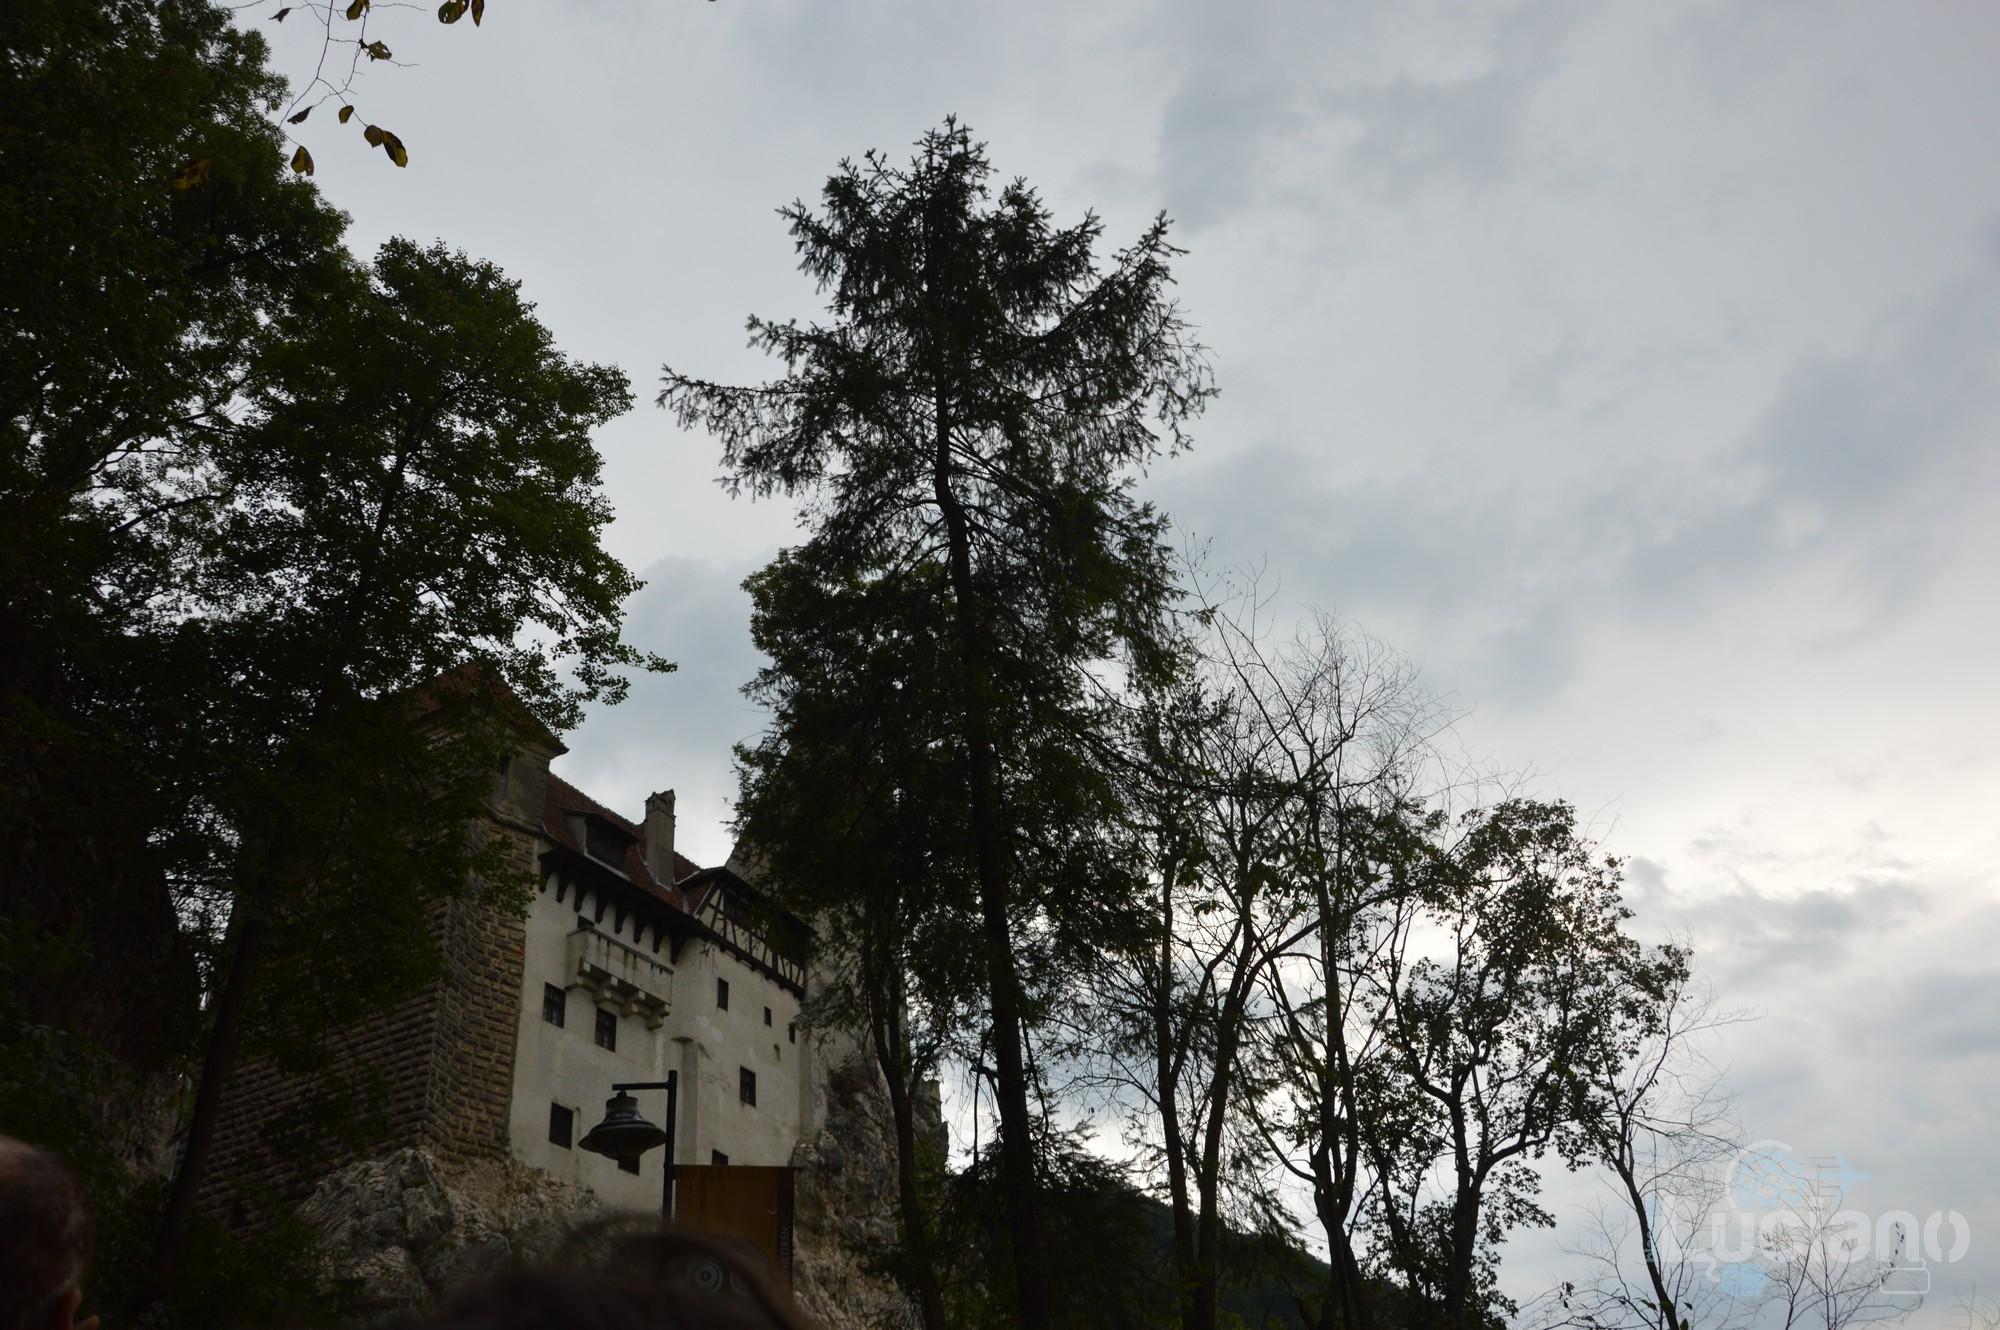 castello-di-dracula-castello-di-bran-luciano-blancato (9)